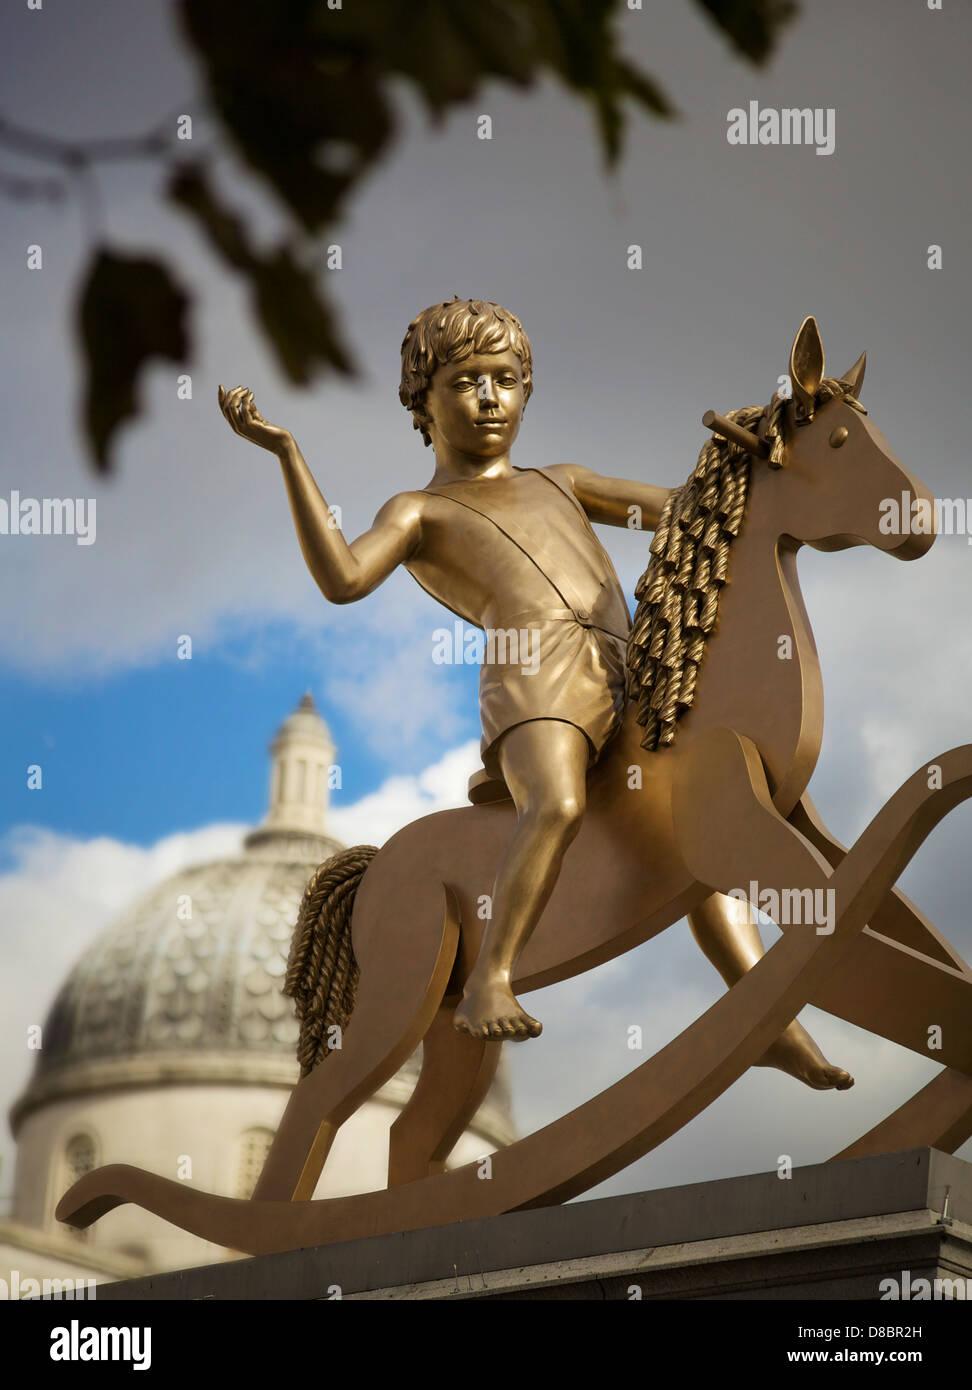 The boy on the rocking horse, Trafalgar Square, London, UK. Stock Photo